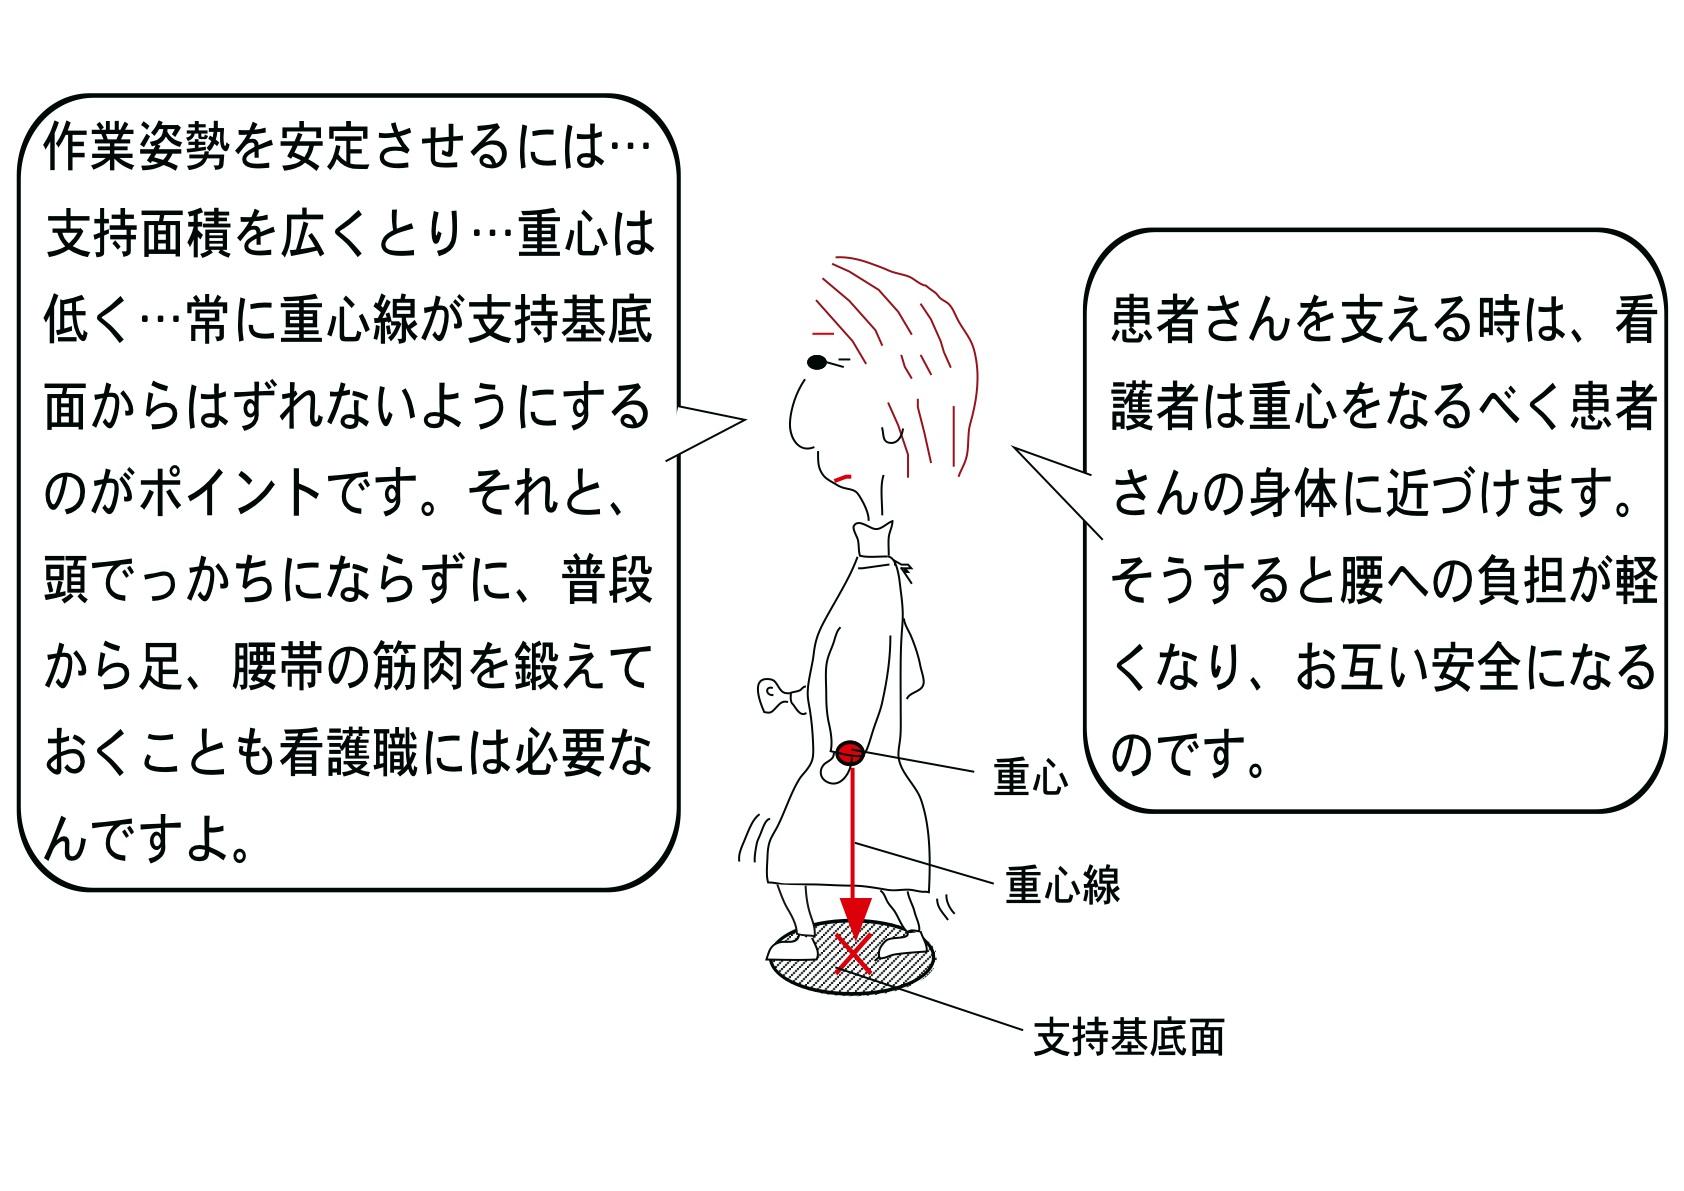 看護学生のために(by 白鳥恭介)